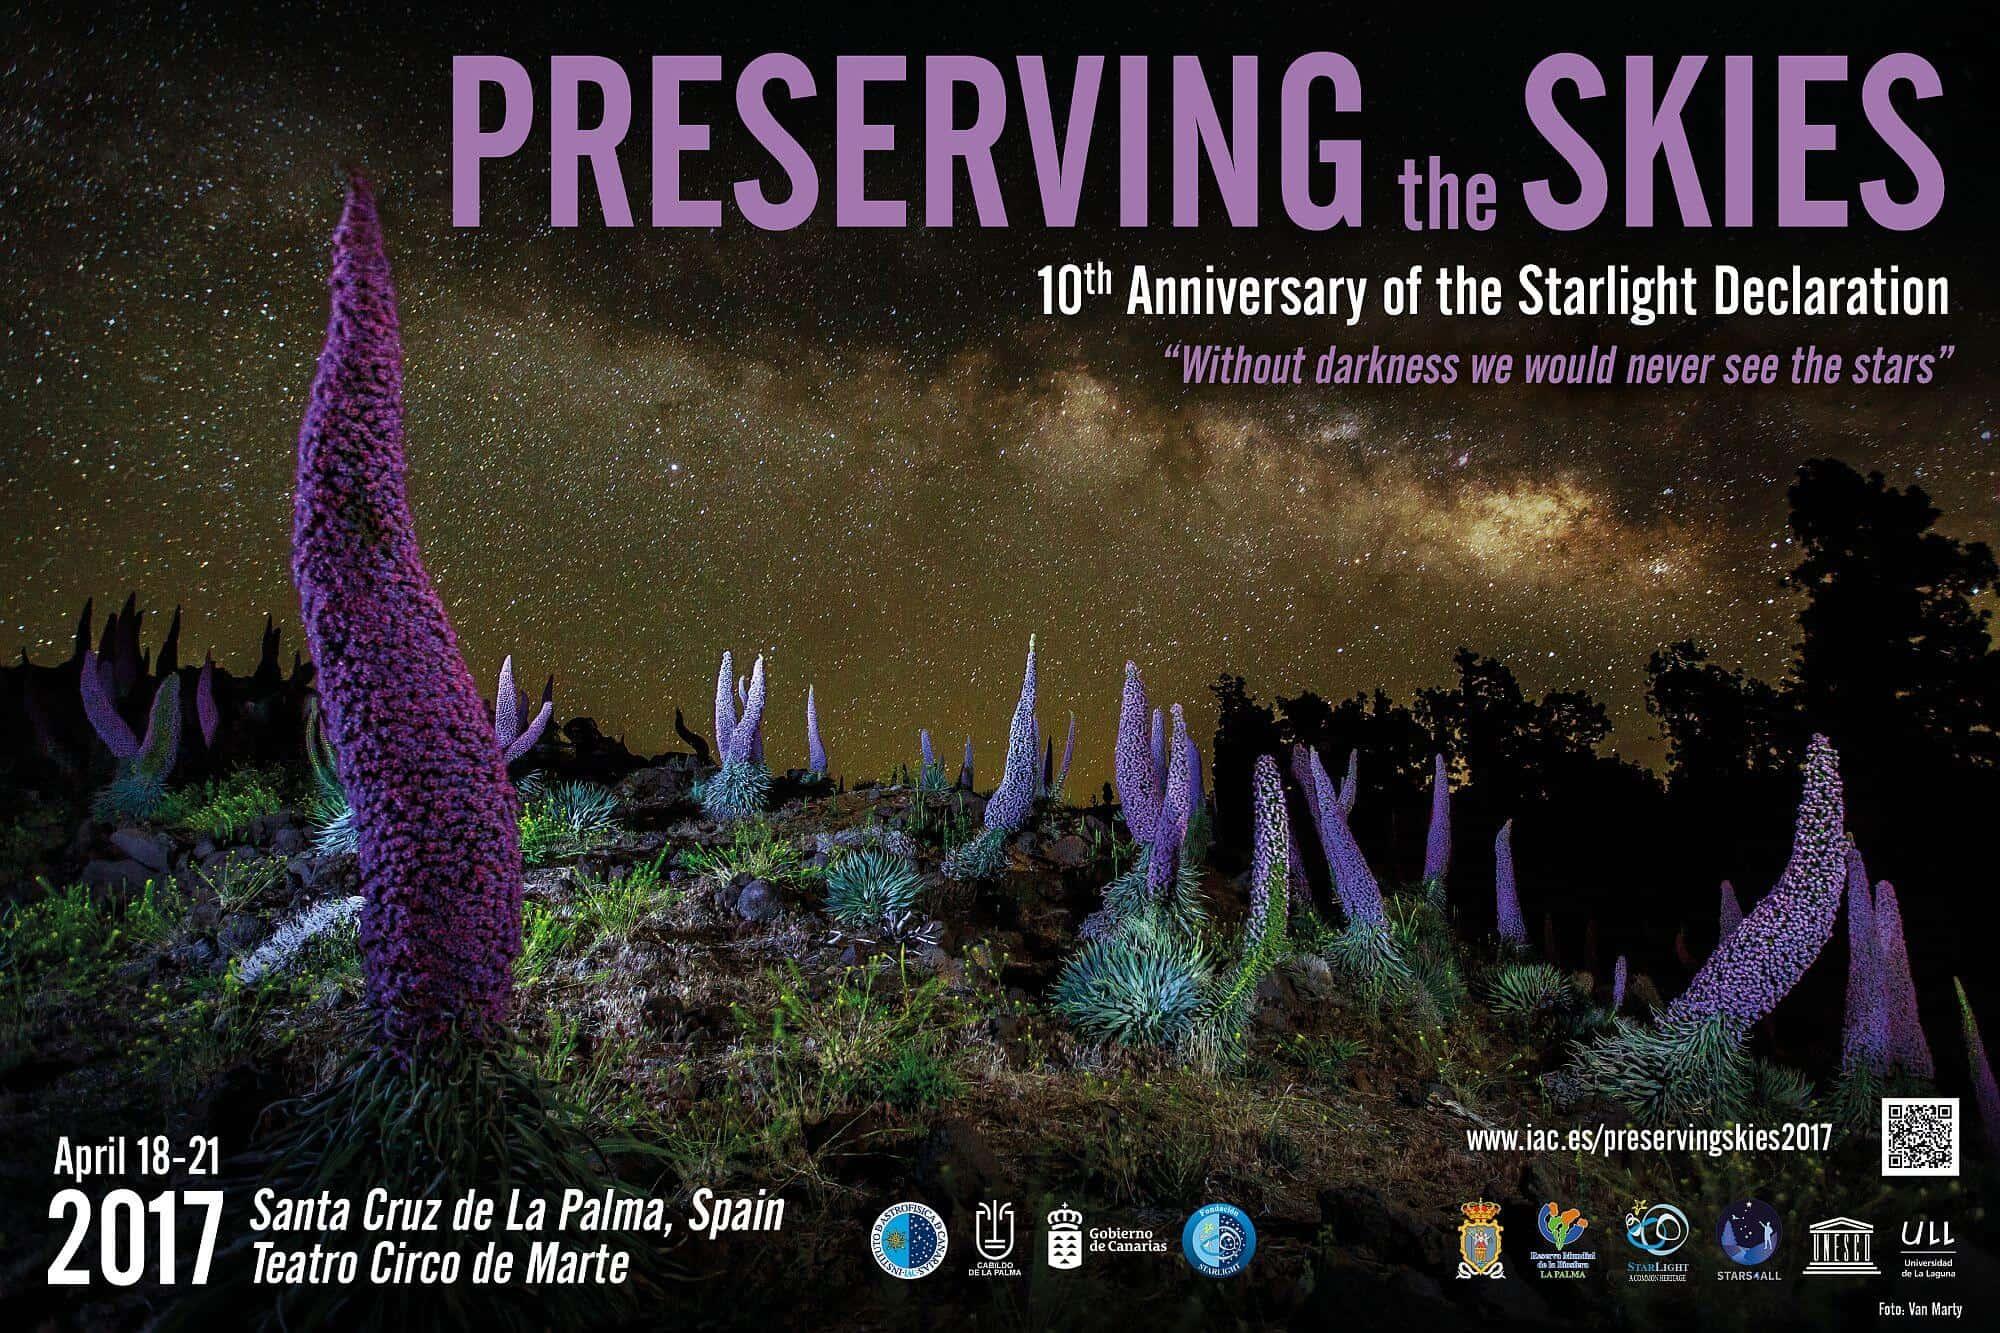 La Palma se convertirá en abril en el epicentro mundial para la protección y conservación del cielo nocturno